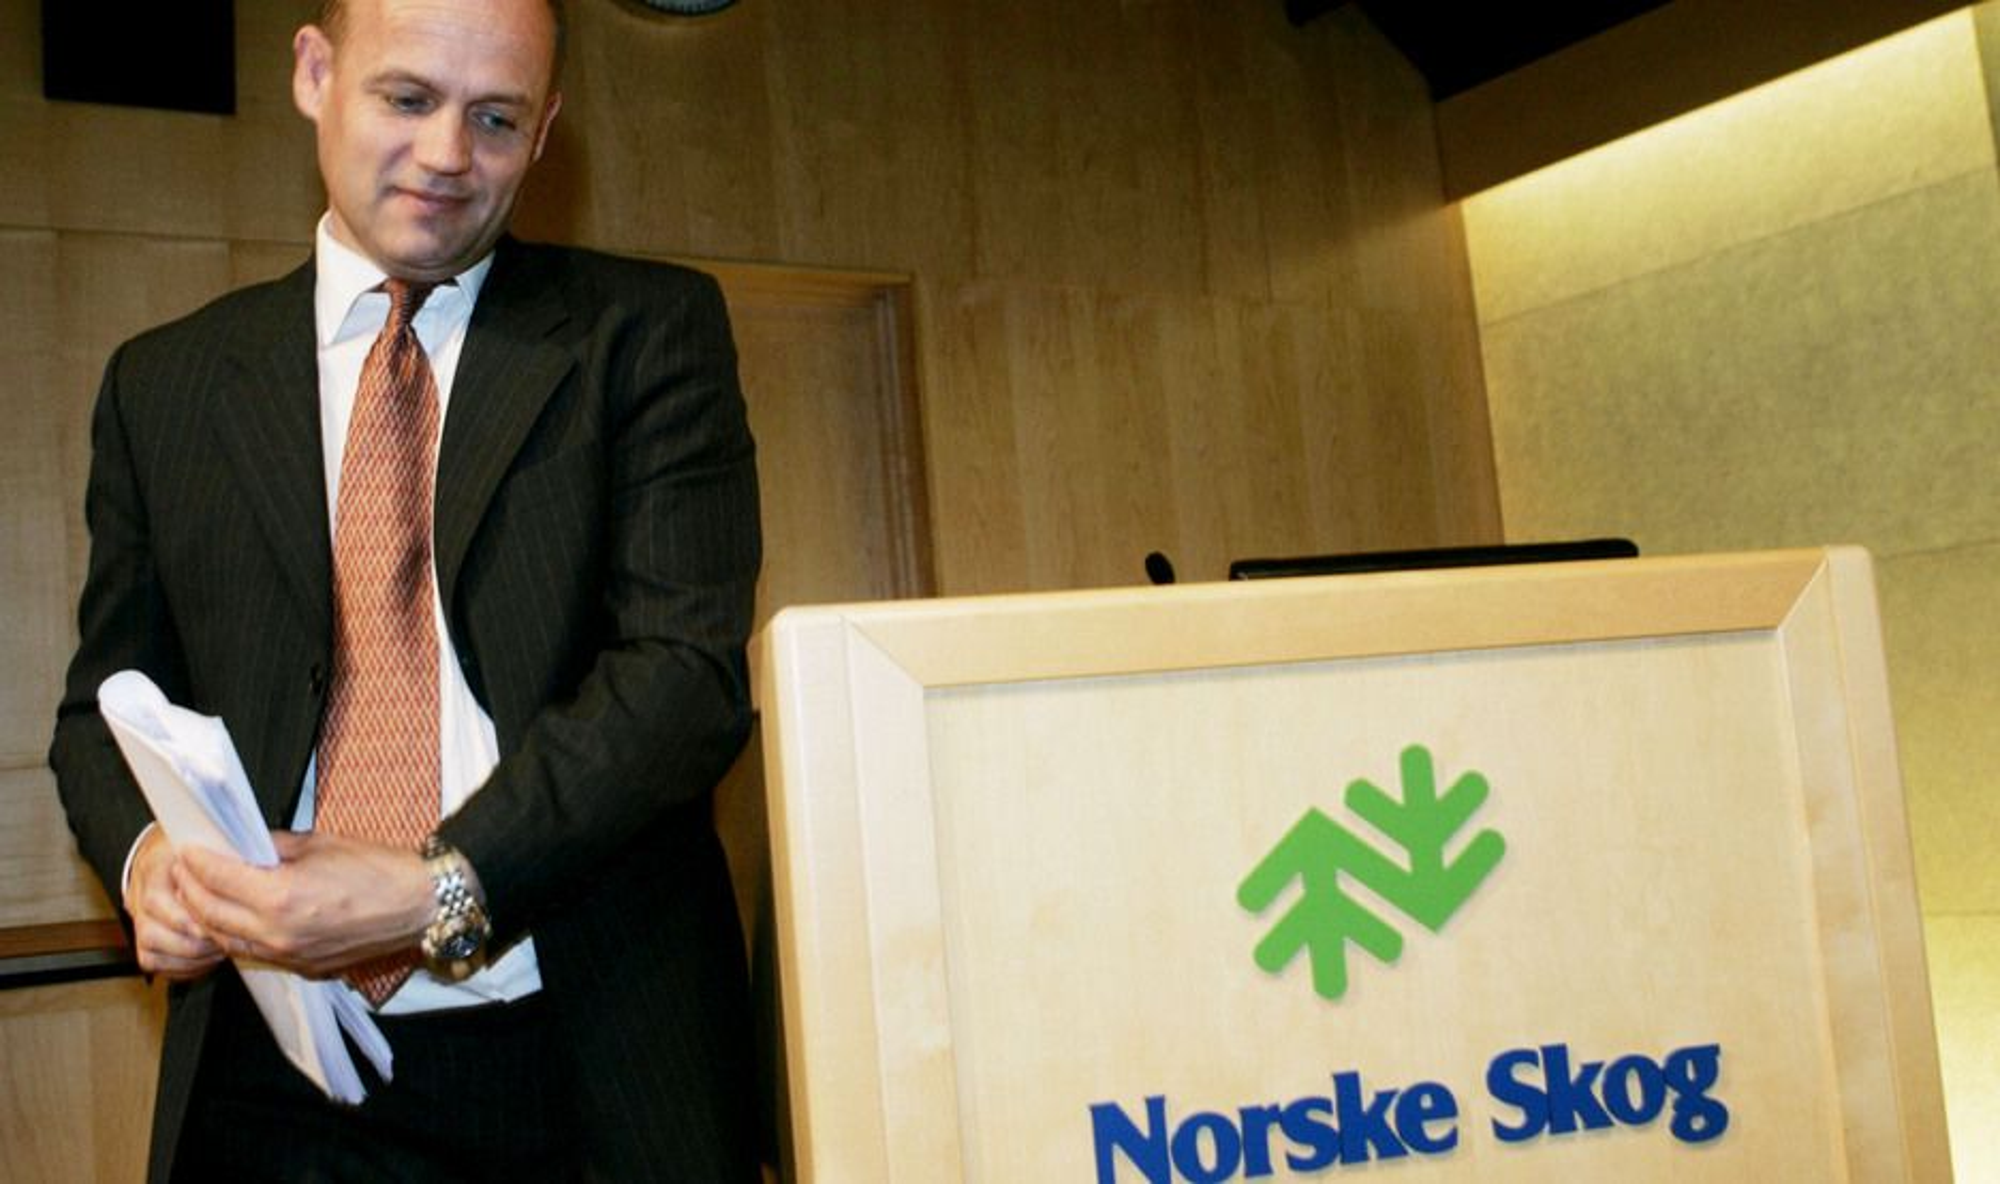 Finansdirektør Andreas Enger i Norske Skog har varslet en gjennomgang av alle konsernets fabrikker.